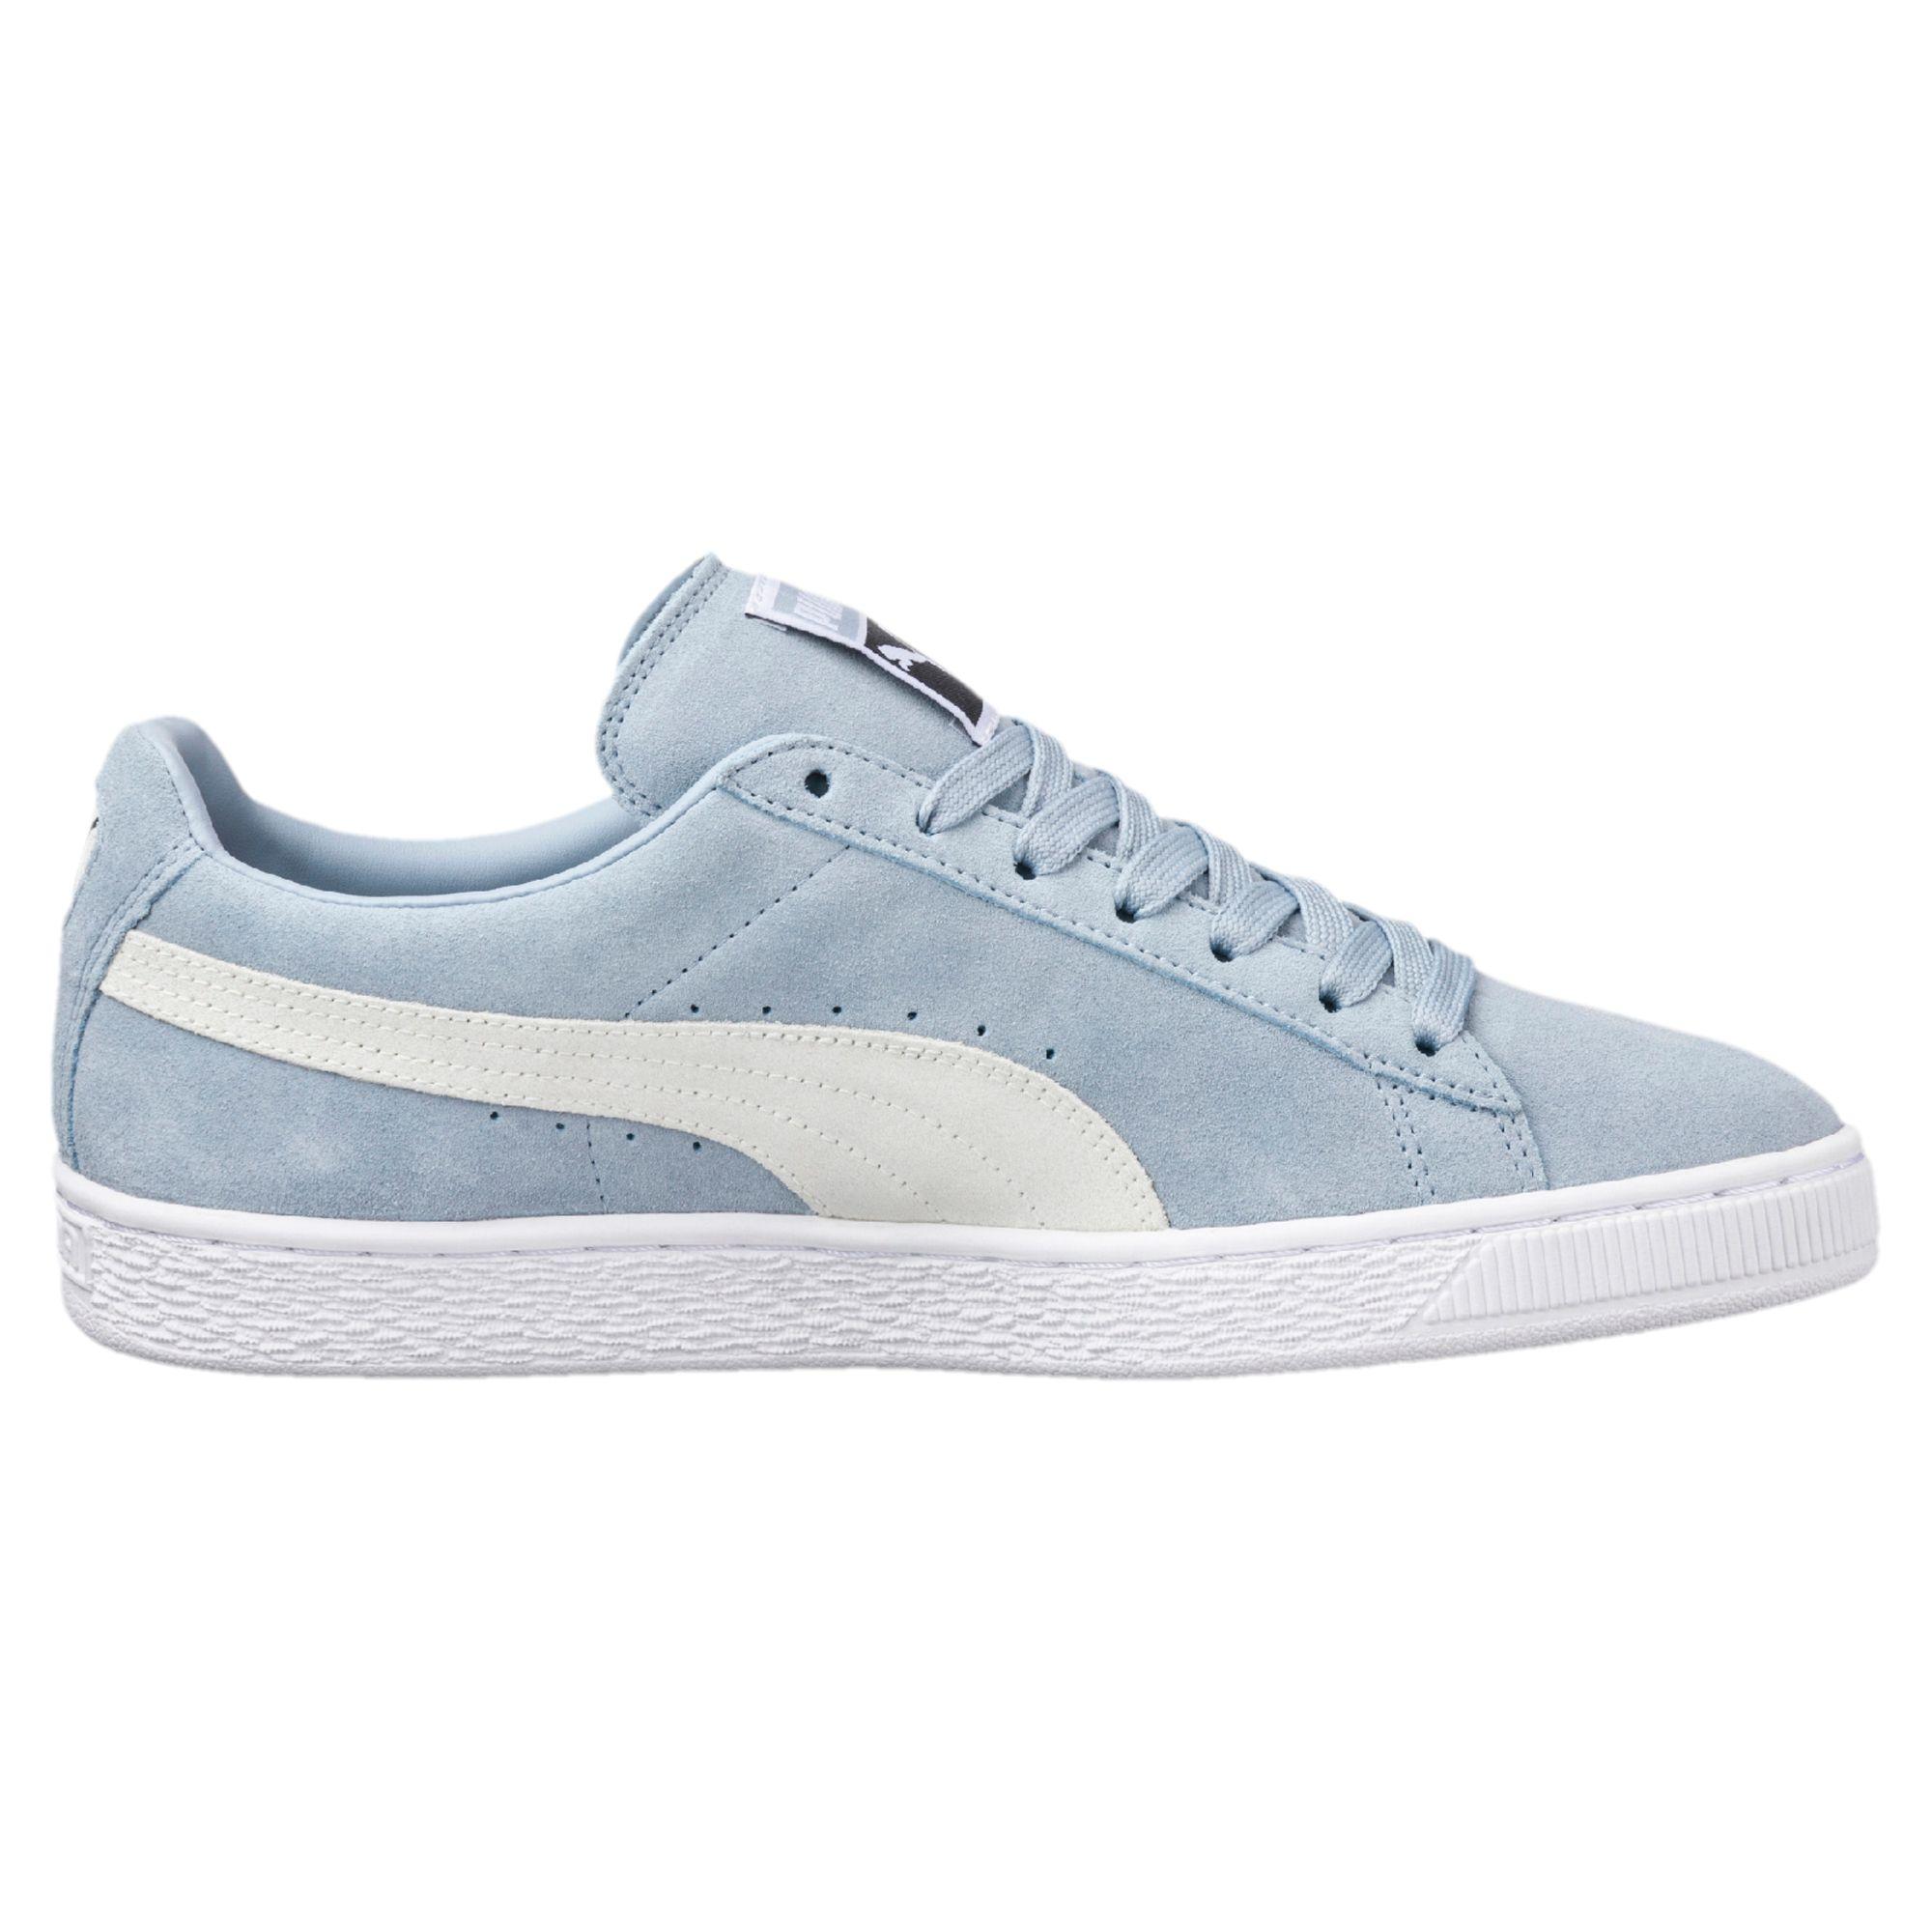 Puma Suede Classic +, Sneaker Unisex - Adulto, Blu (Blue Fog White 06), 44 EU